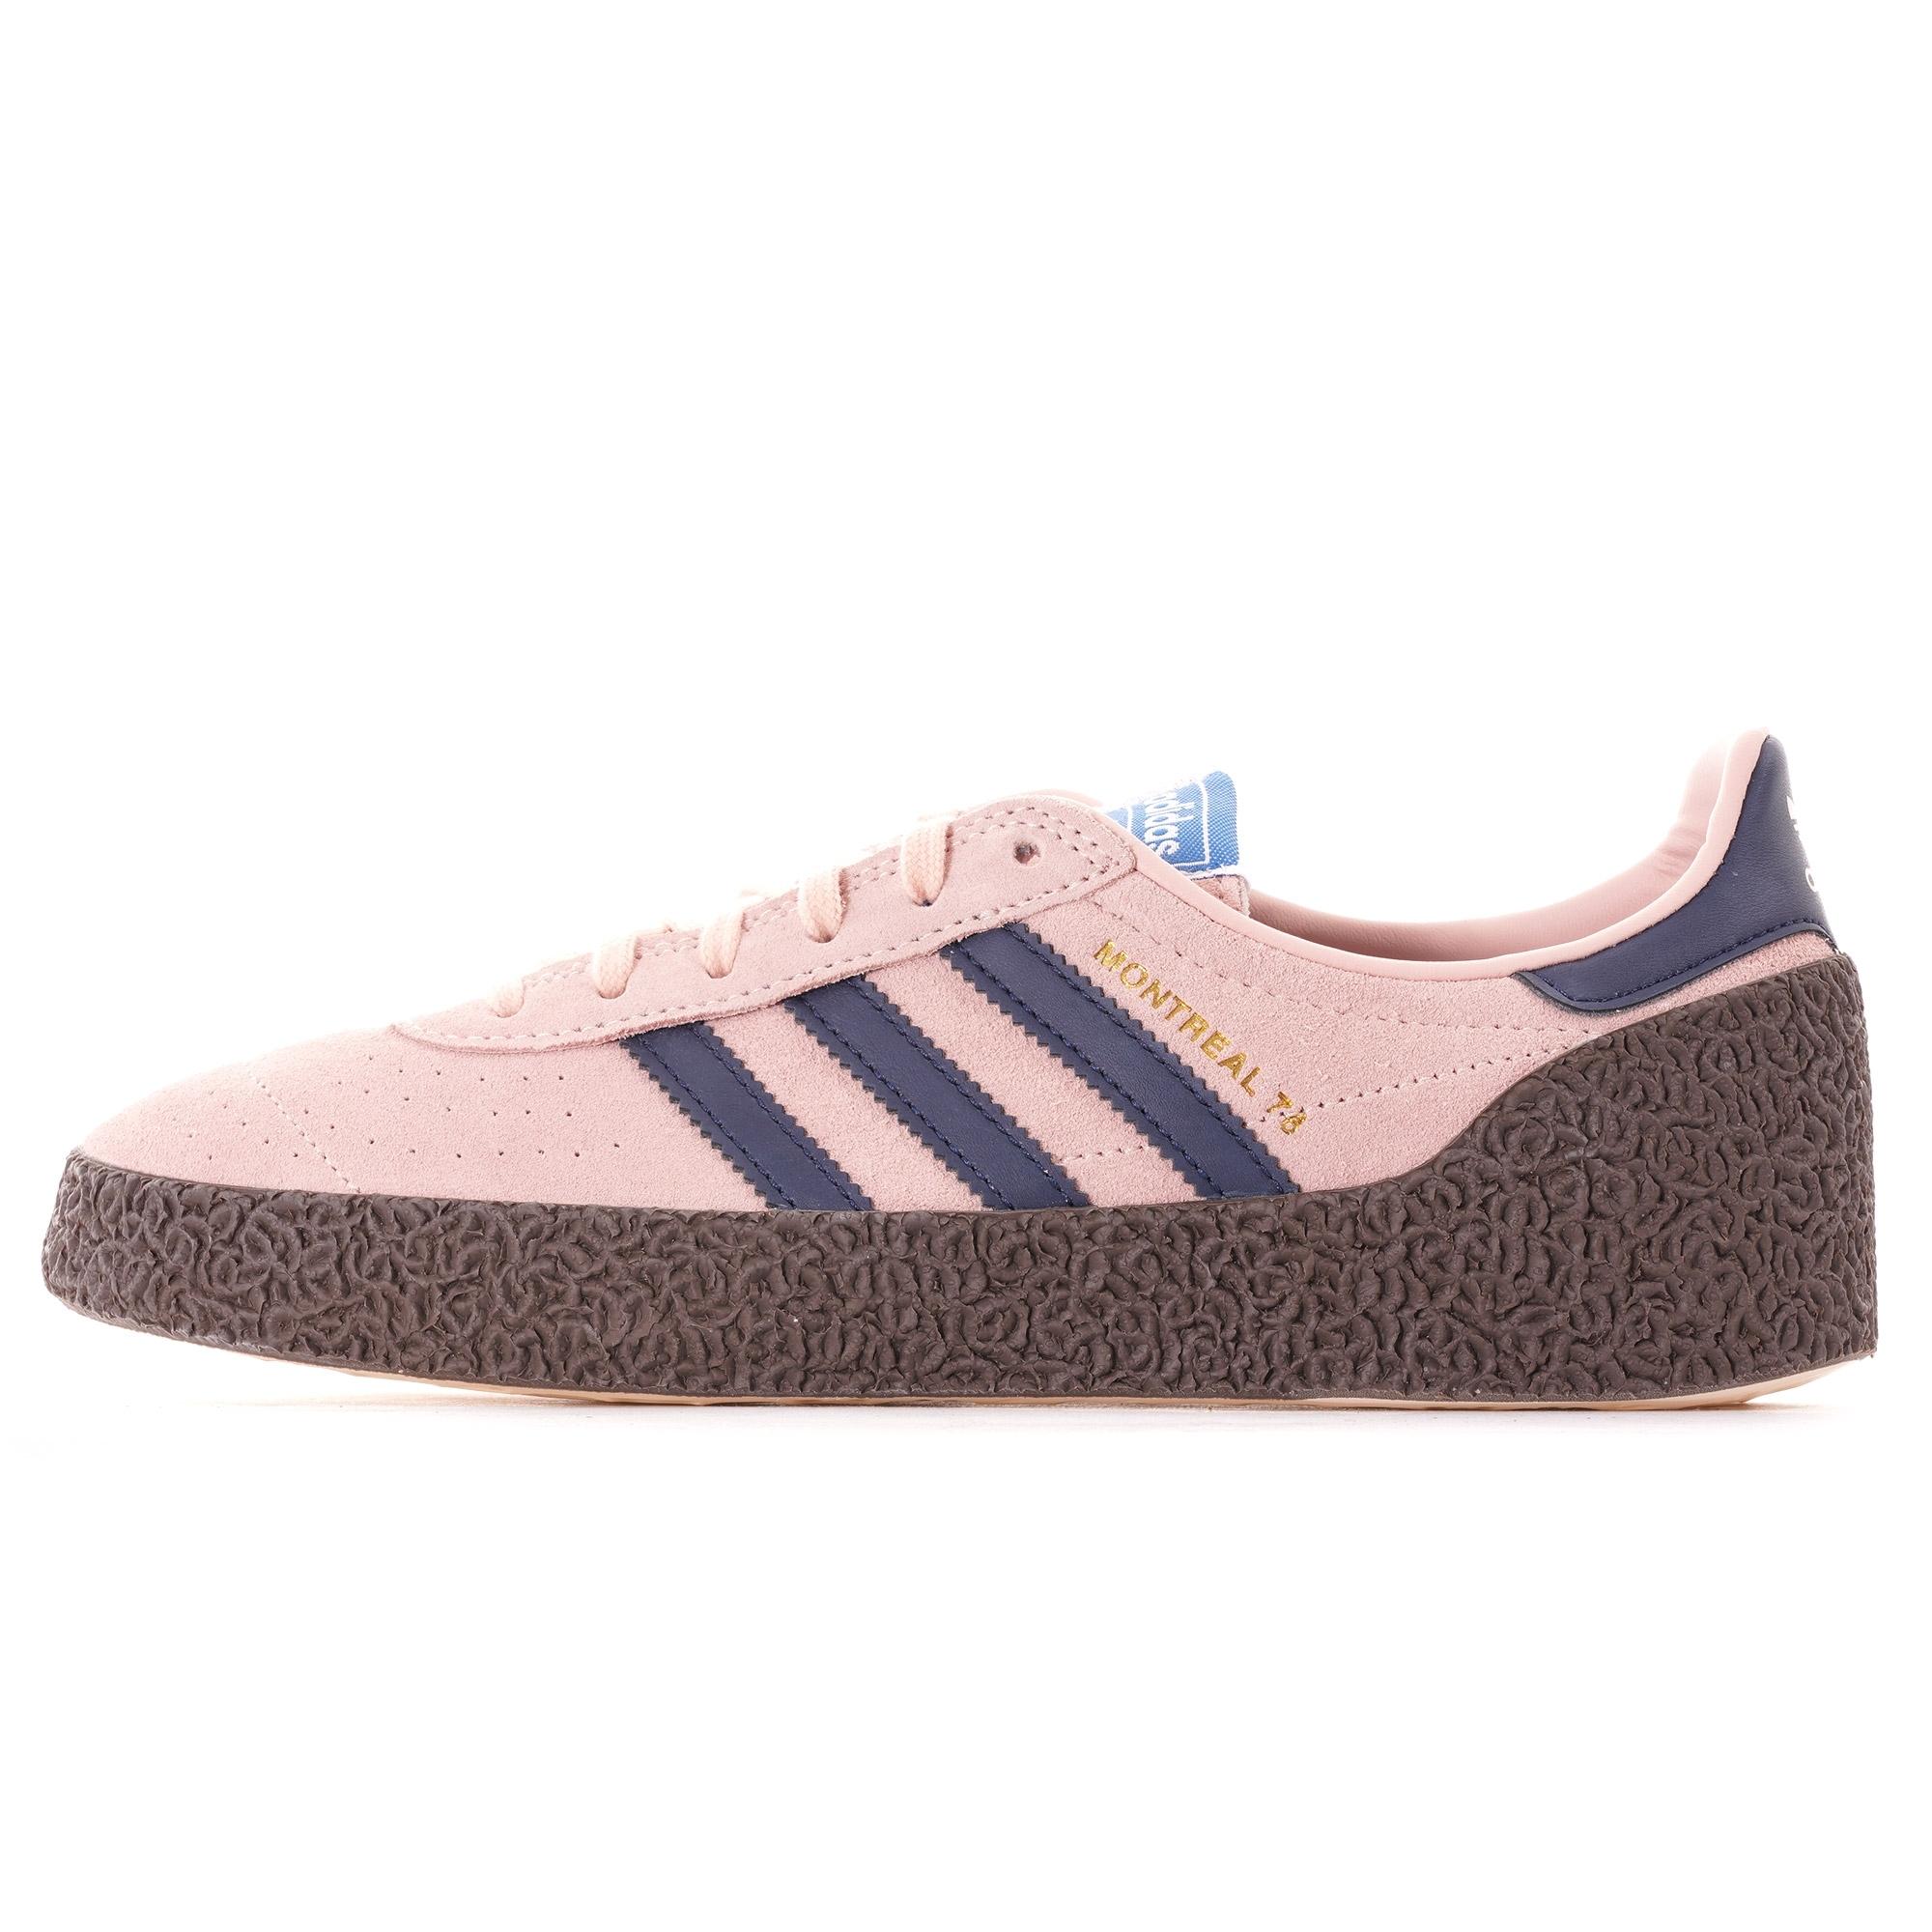 adidas Originals Montreal 76 (Pink) EE5738